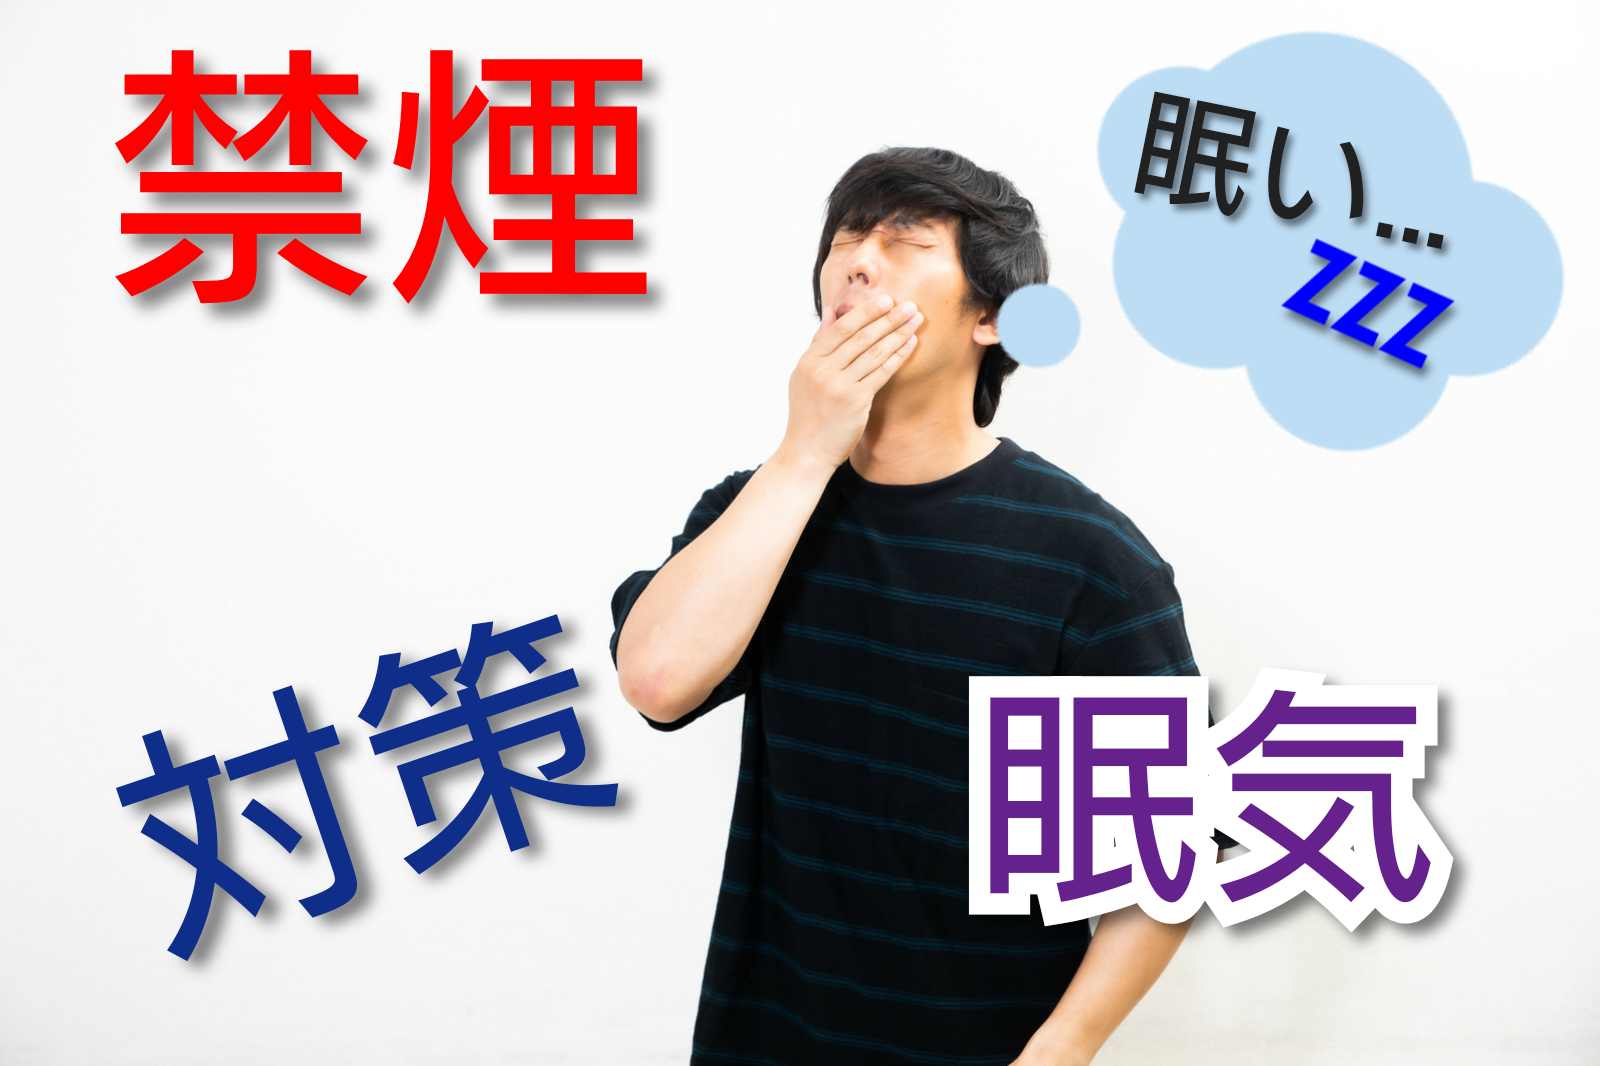 禁煙による眠気対策はどうする?離脱症状のピークはいつか?